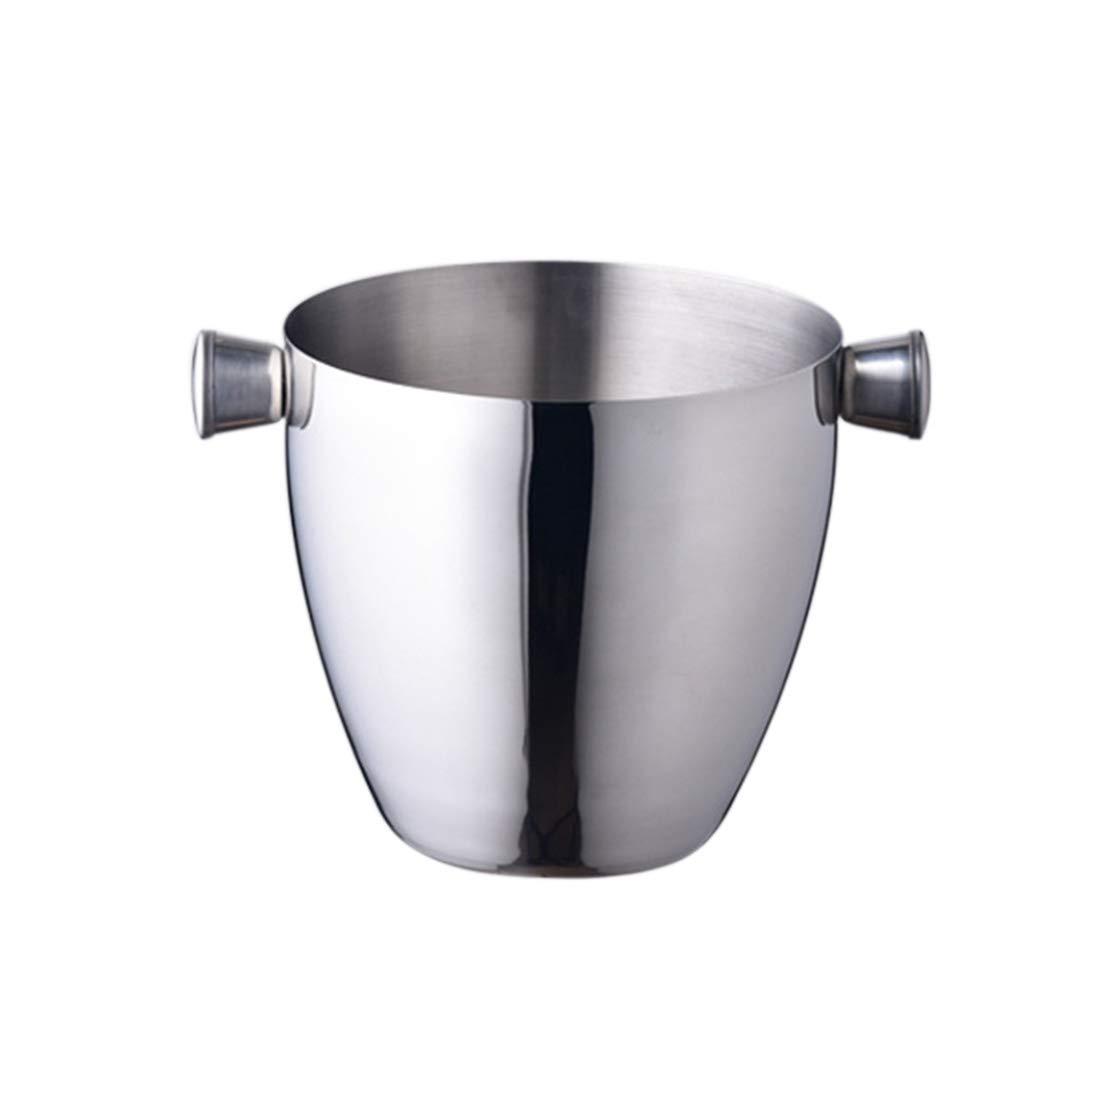 Pinji Insulated Ice Bucket Stainless Steel Kitchen ServerWare Tray Barware